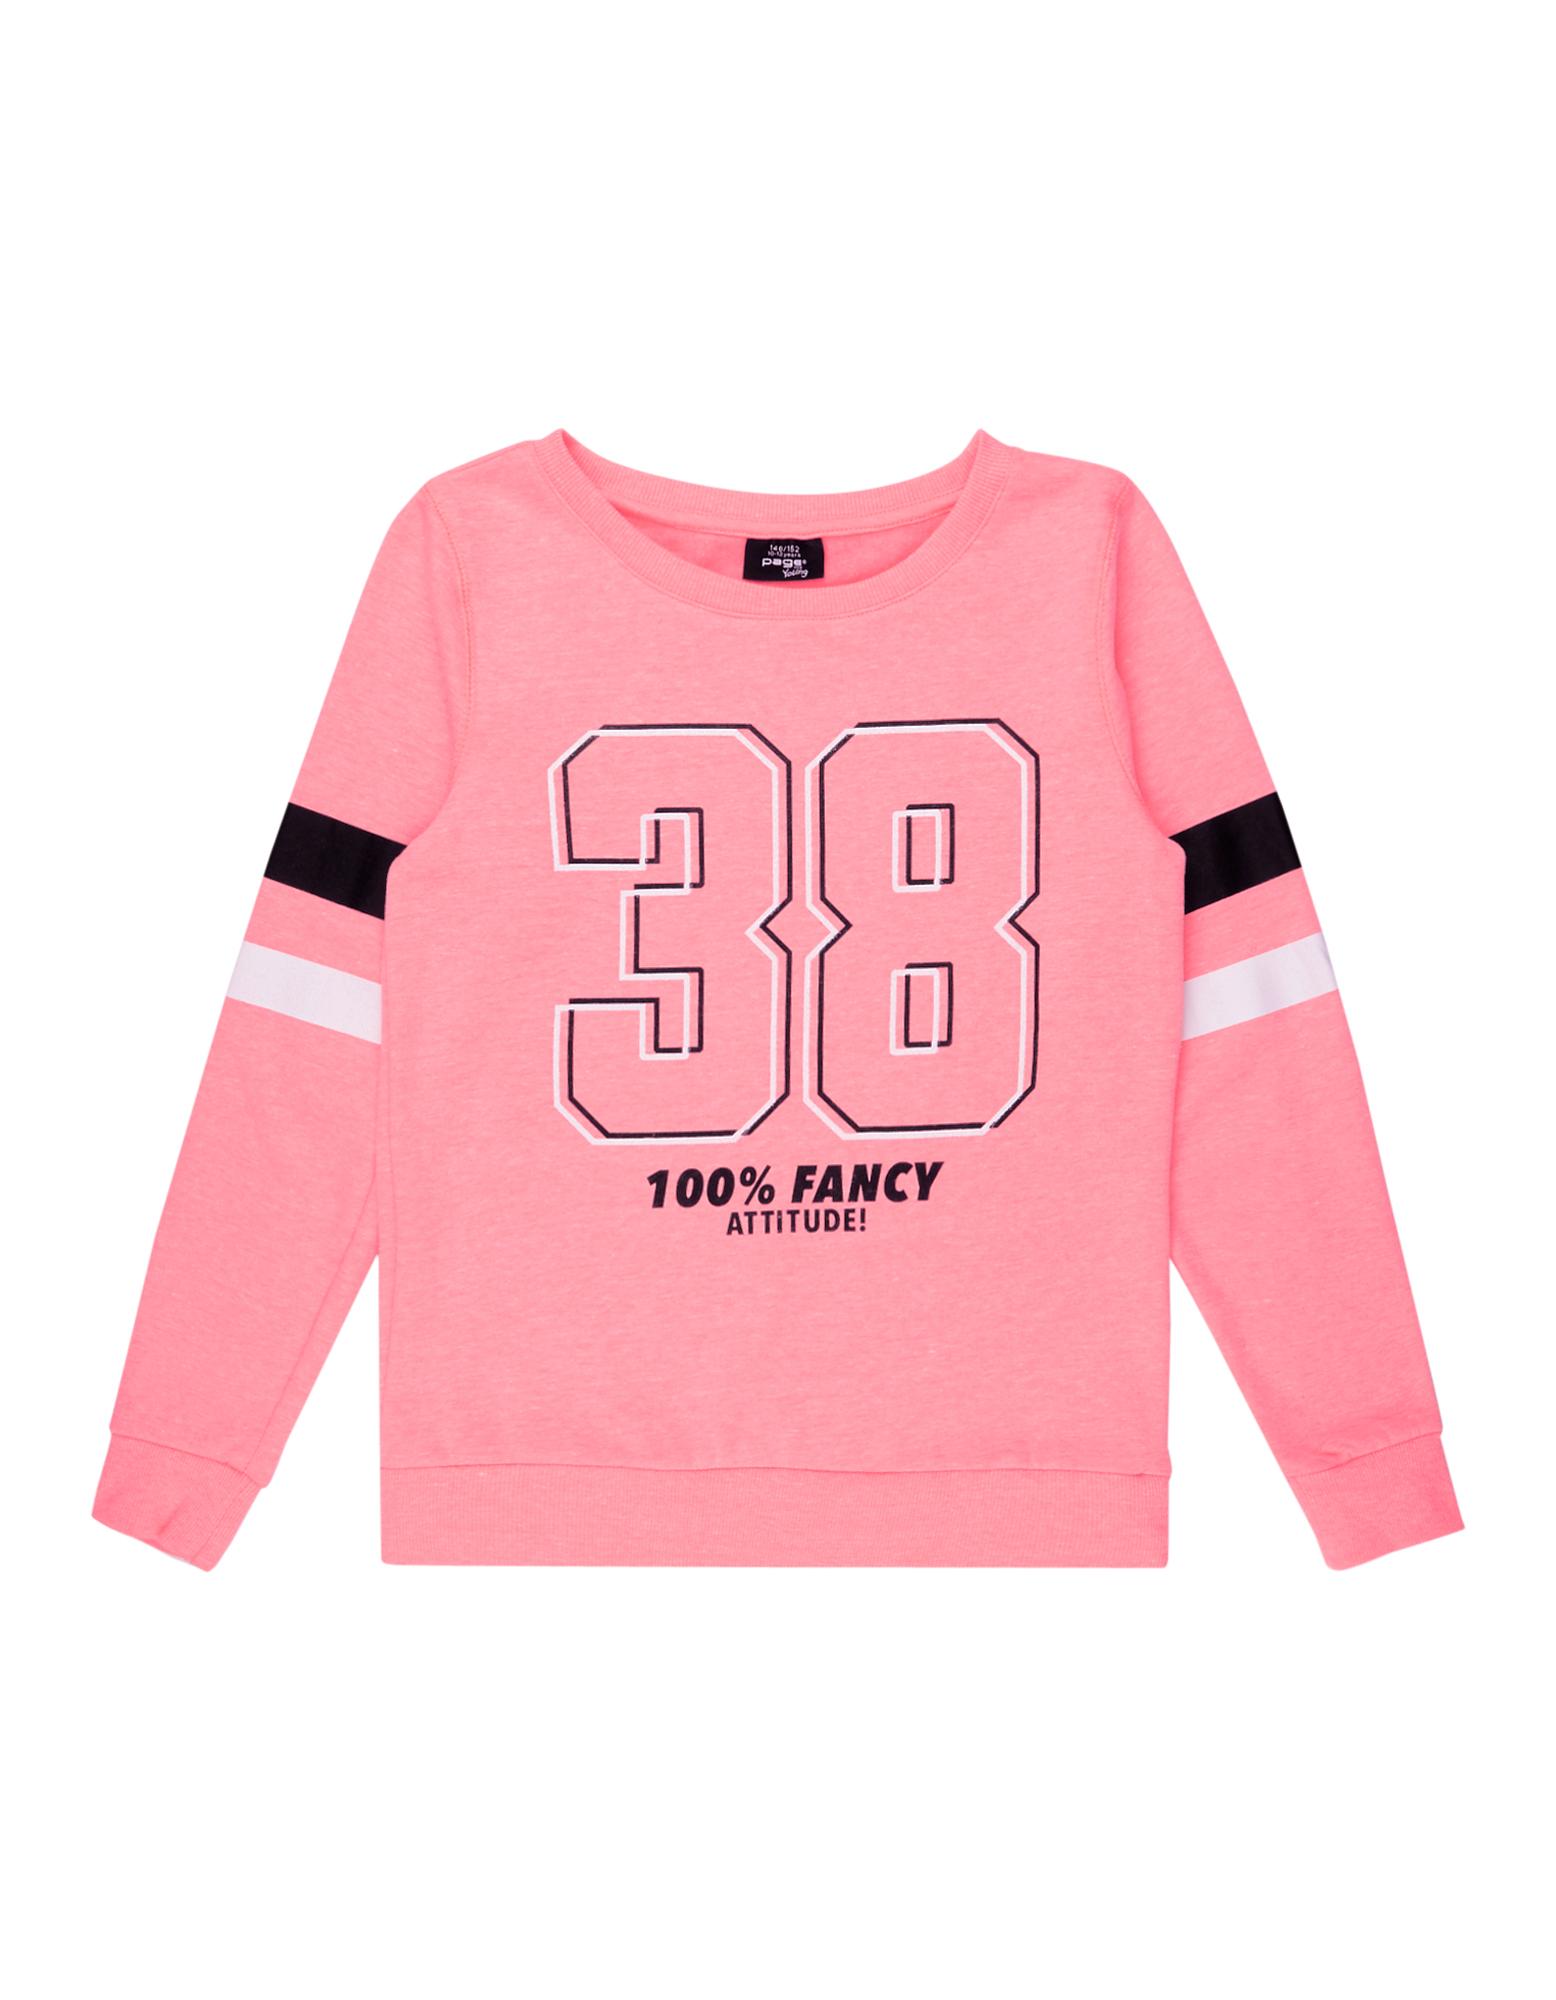 Mädchen Sweatshirt mit Logo-Print  | 81486344480305